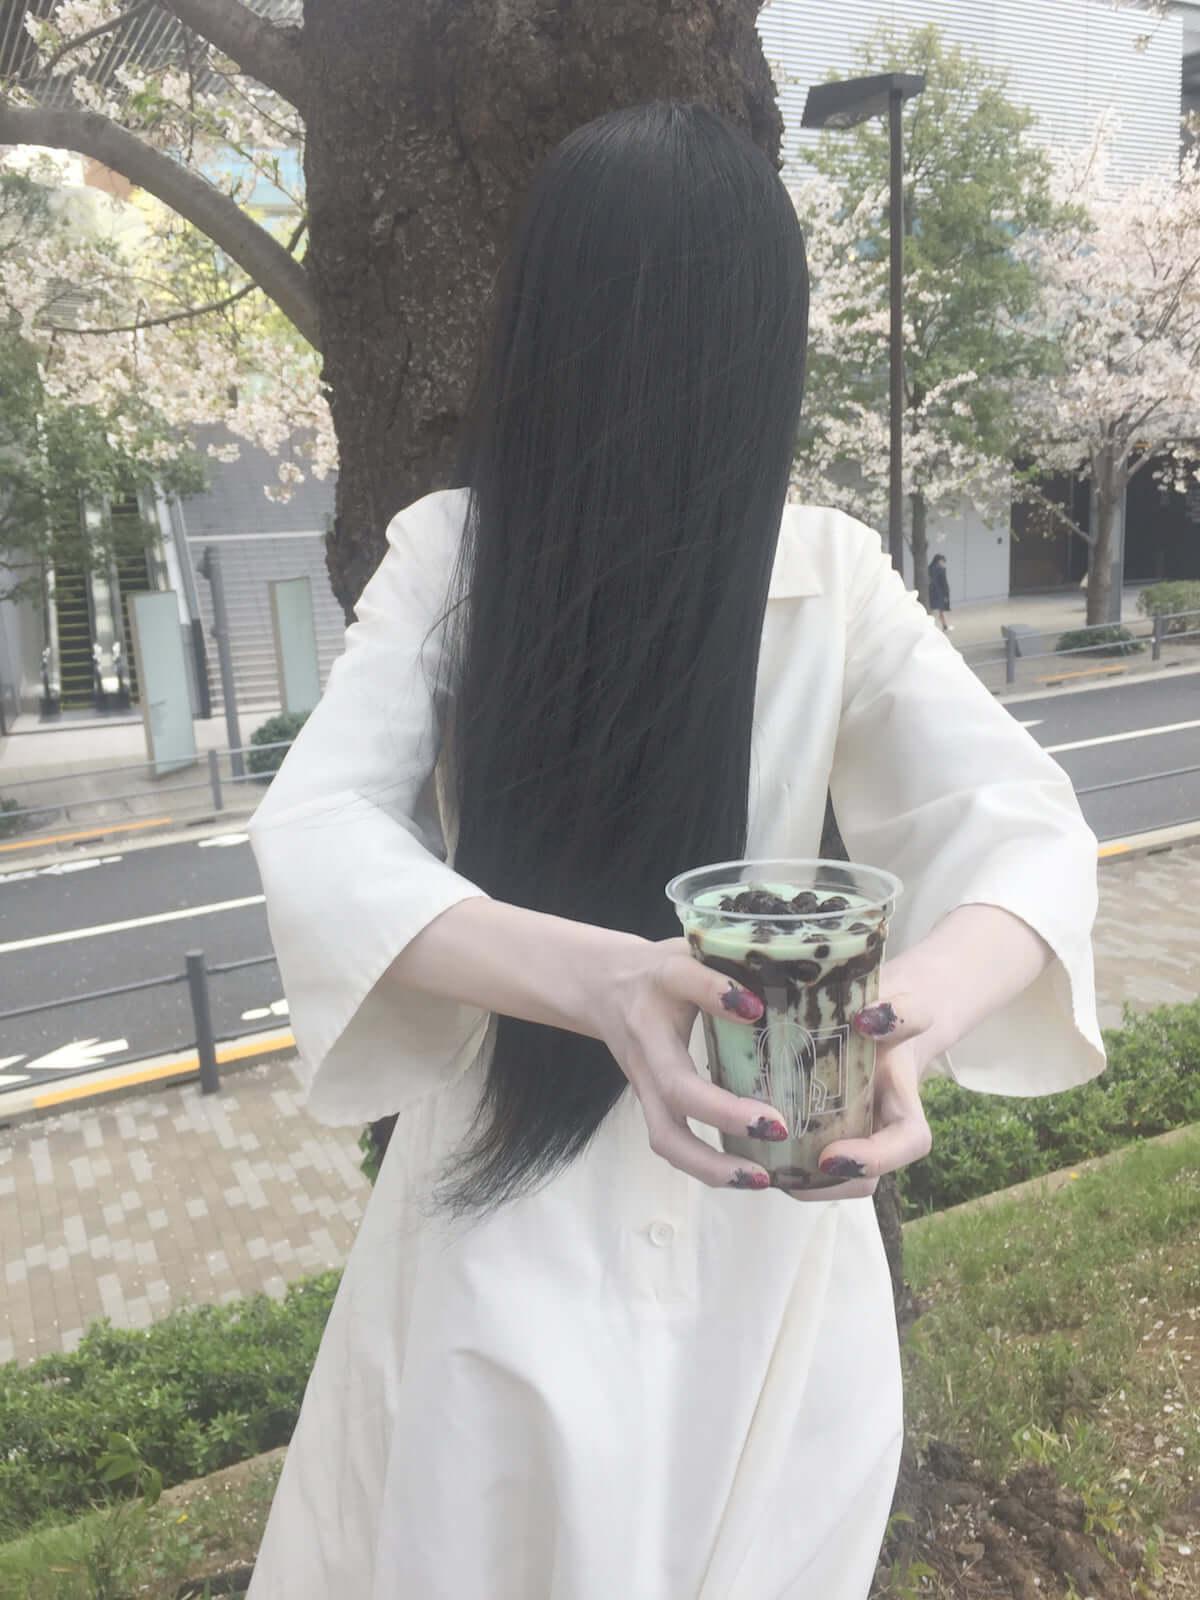 貞子がタピオカできっとく〜る!?池田エライザ主演『貞子』